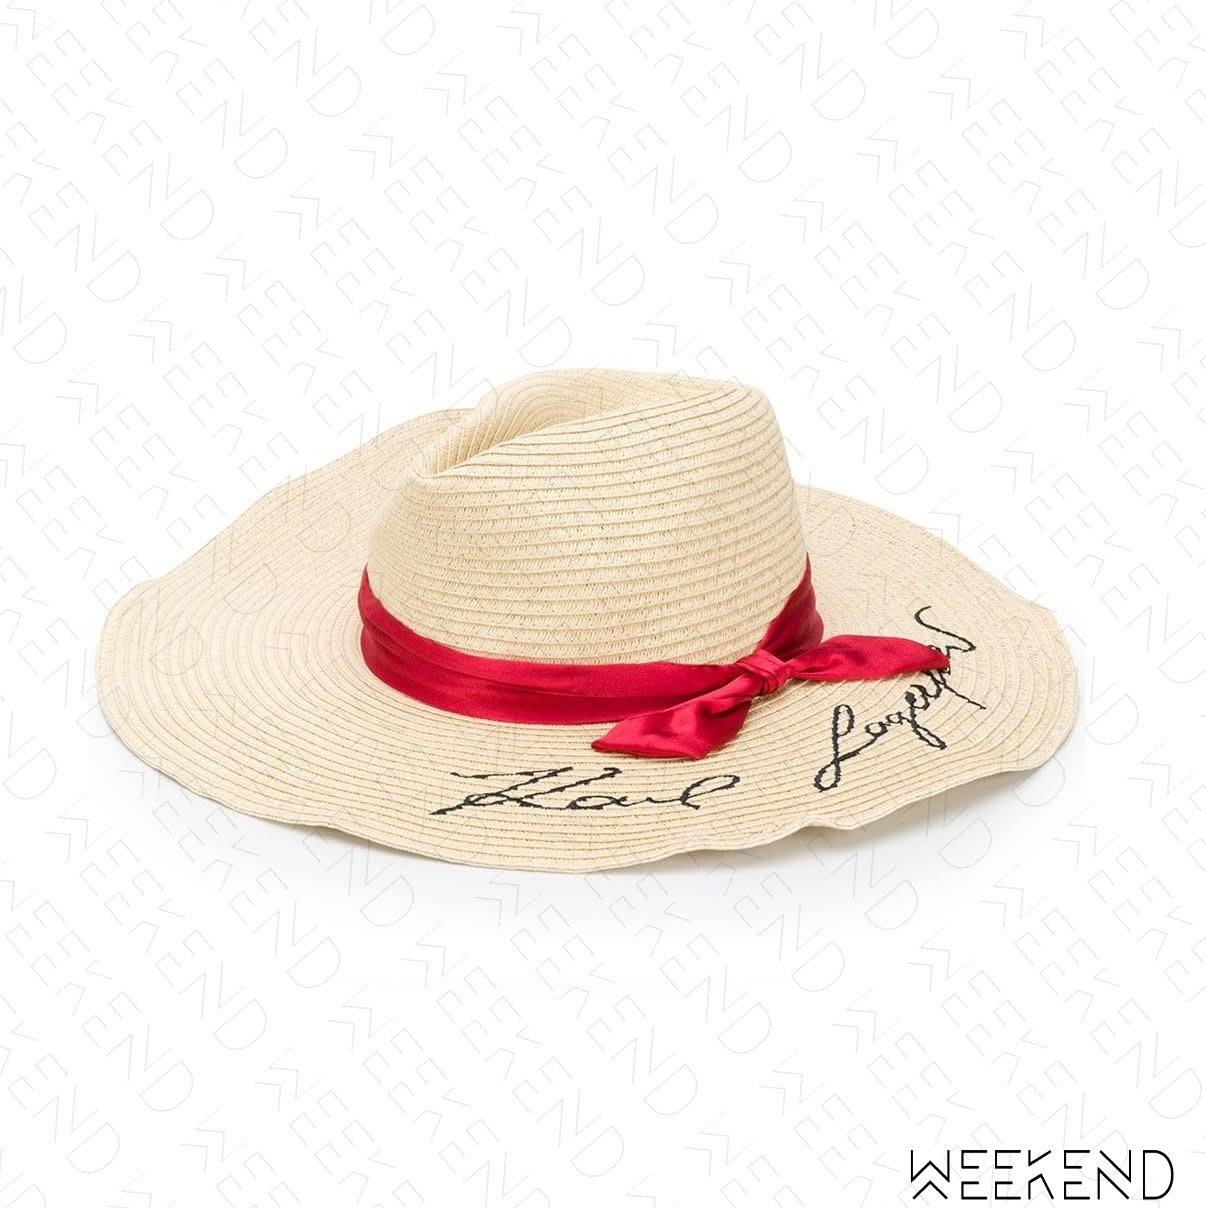 【WEEKEND】 KARL LAGERFELD Signature Fedora 卡爾 簽名 帽子 草編帽 19秋冬